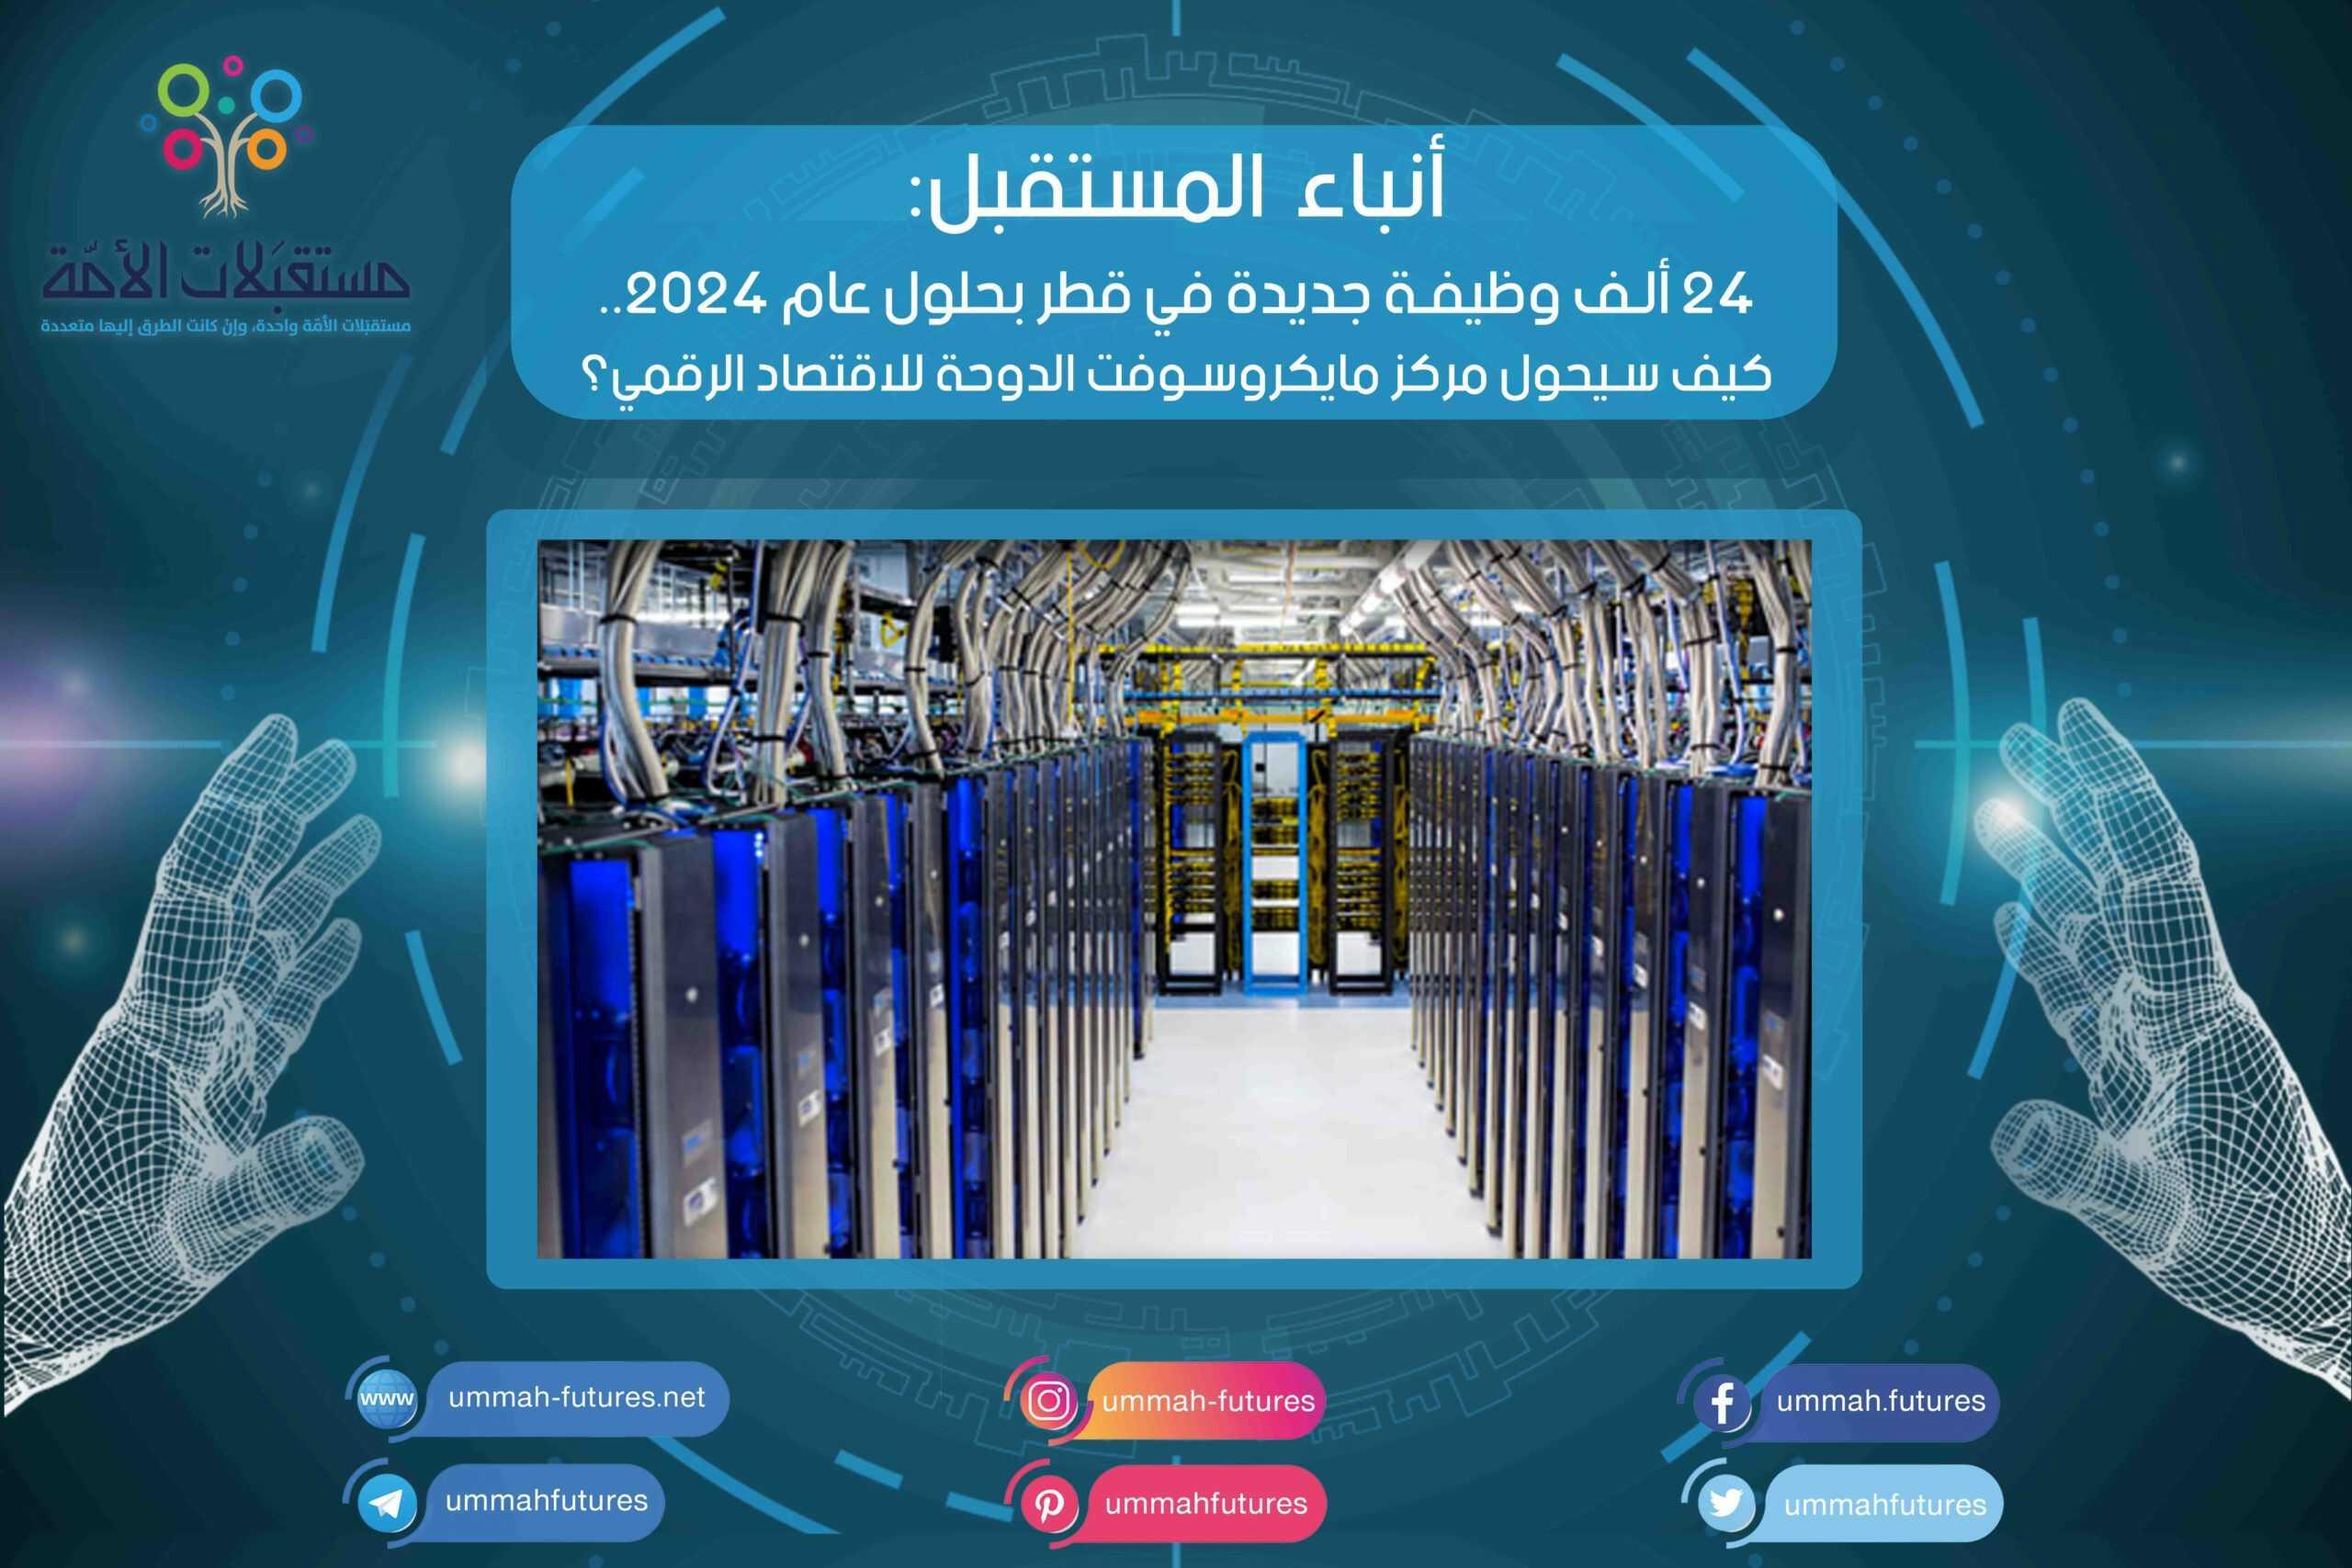 24 ألف وظيفة جديدة في قطر بحلول عام 2024..